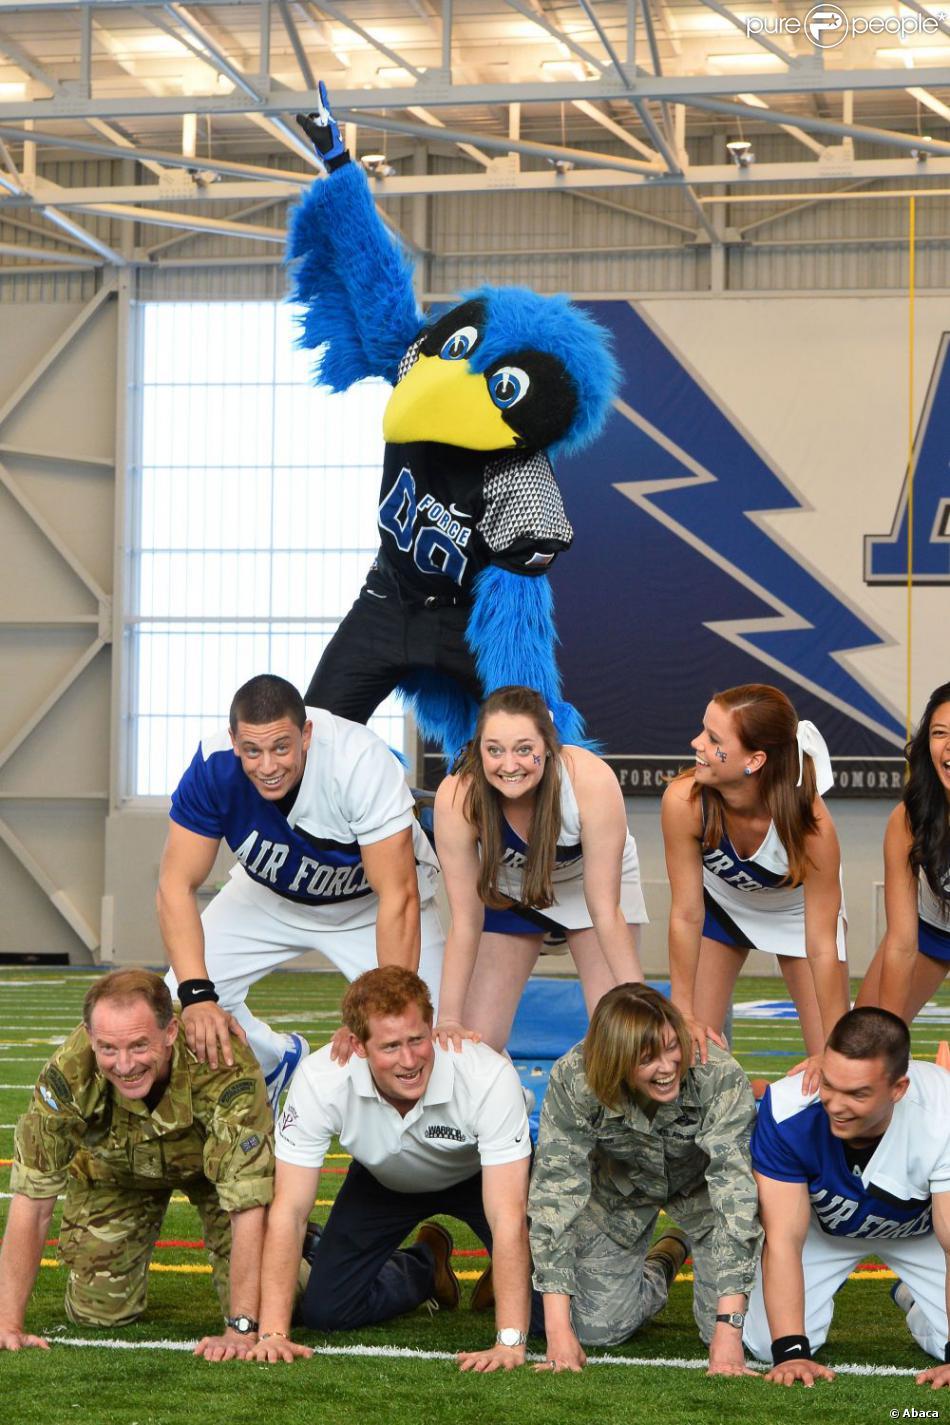 Le prince Harry participant à une pyramide de cheerleaders au centre d'entraînement des Falcons de l'Académie militaire de l'US Air Force à Colorado Springs le 12 mai 2013